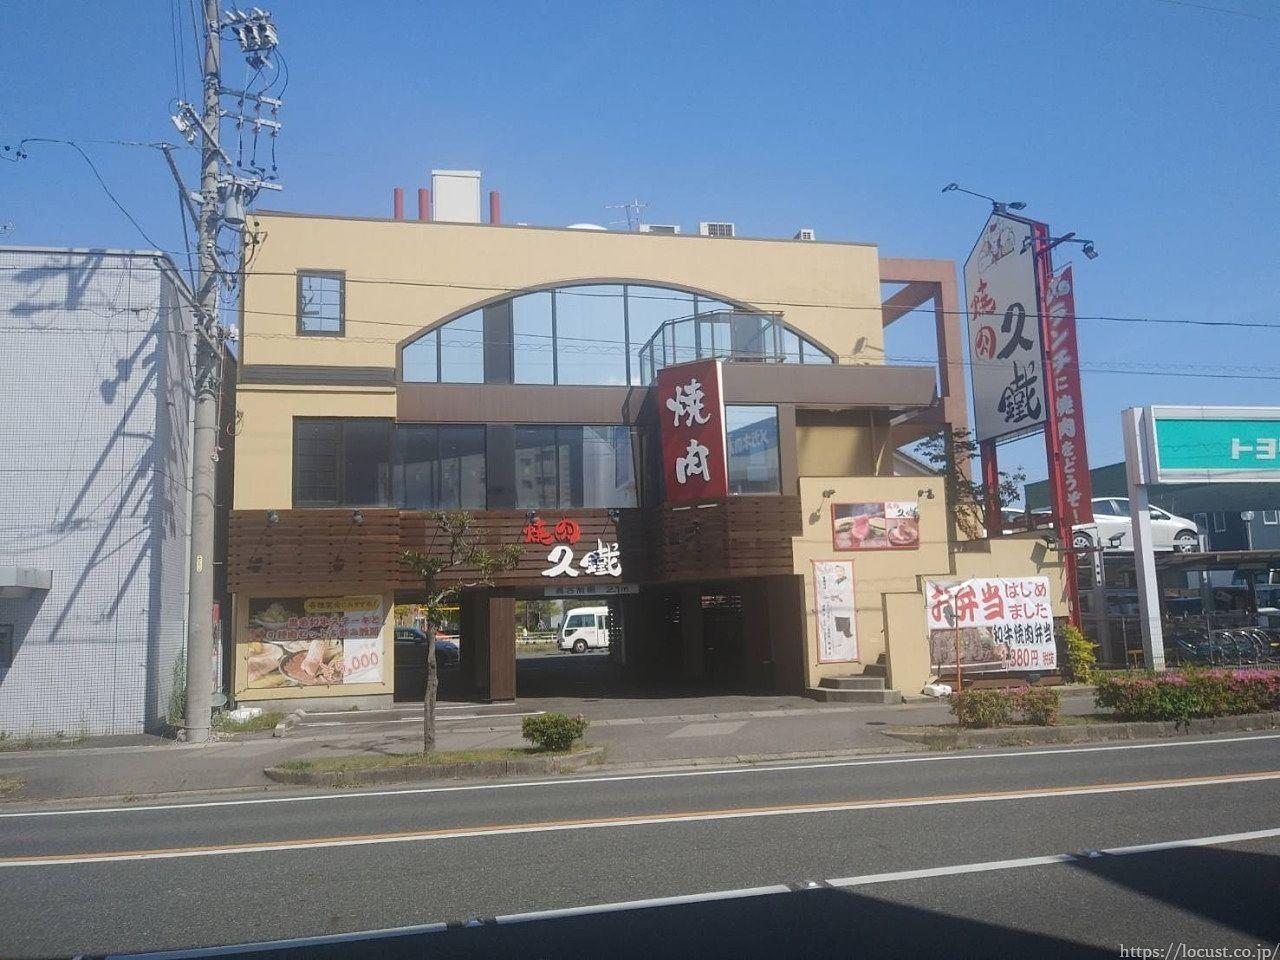 1階が駐車場で2階3階が店舗の造りです。